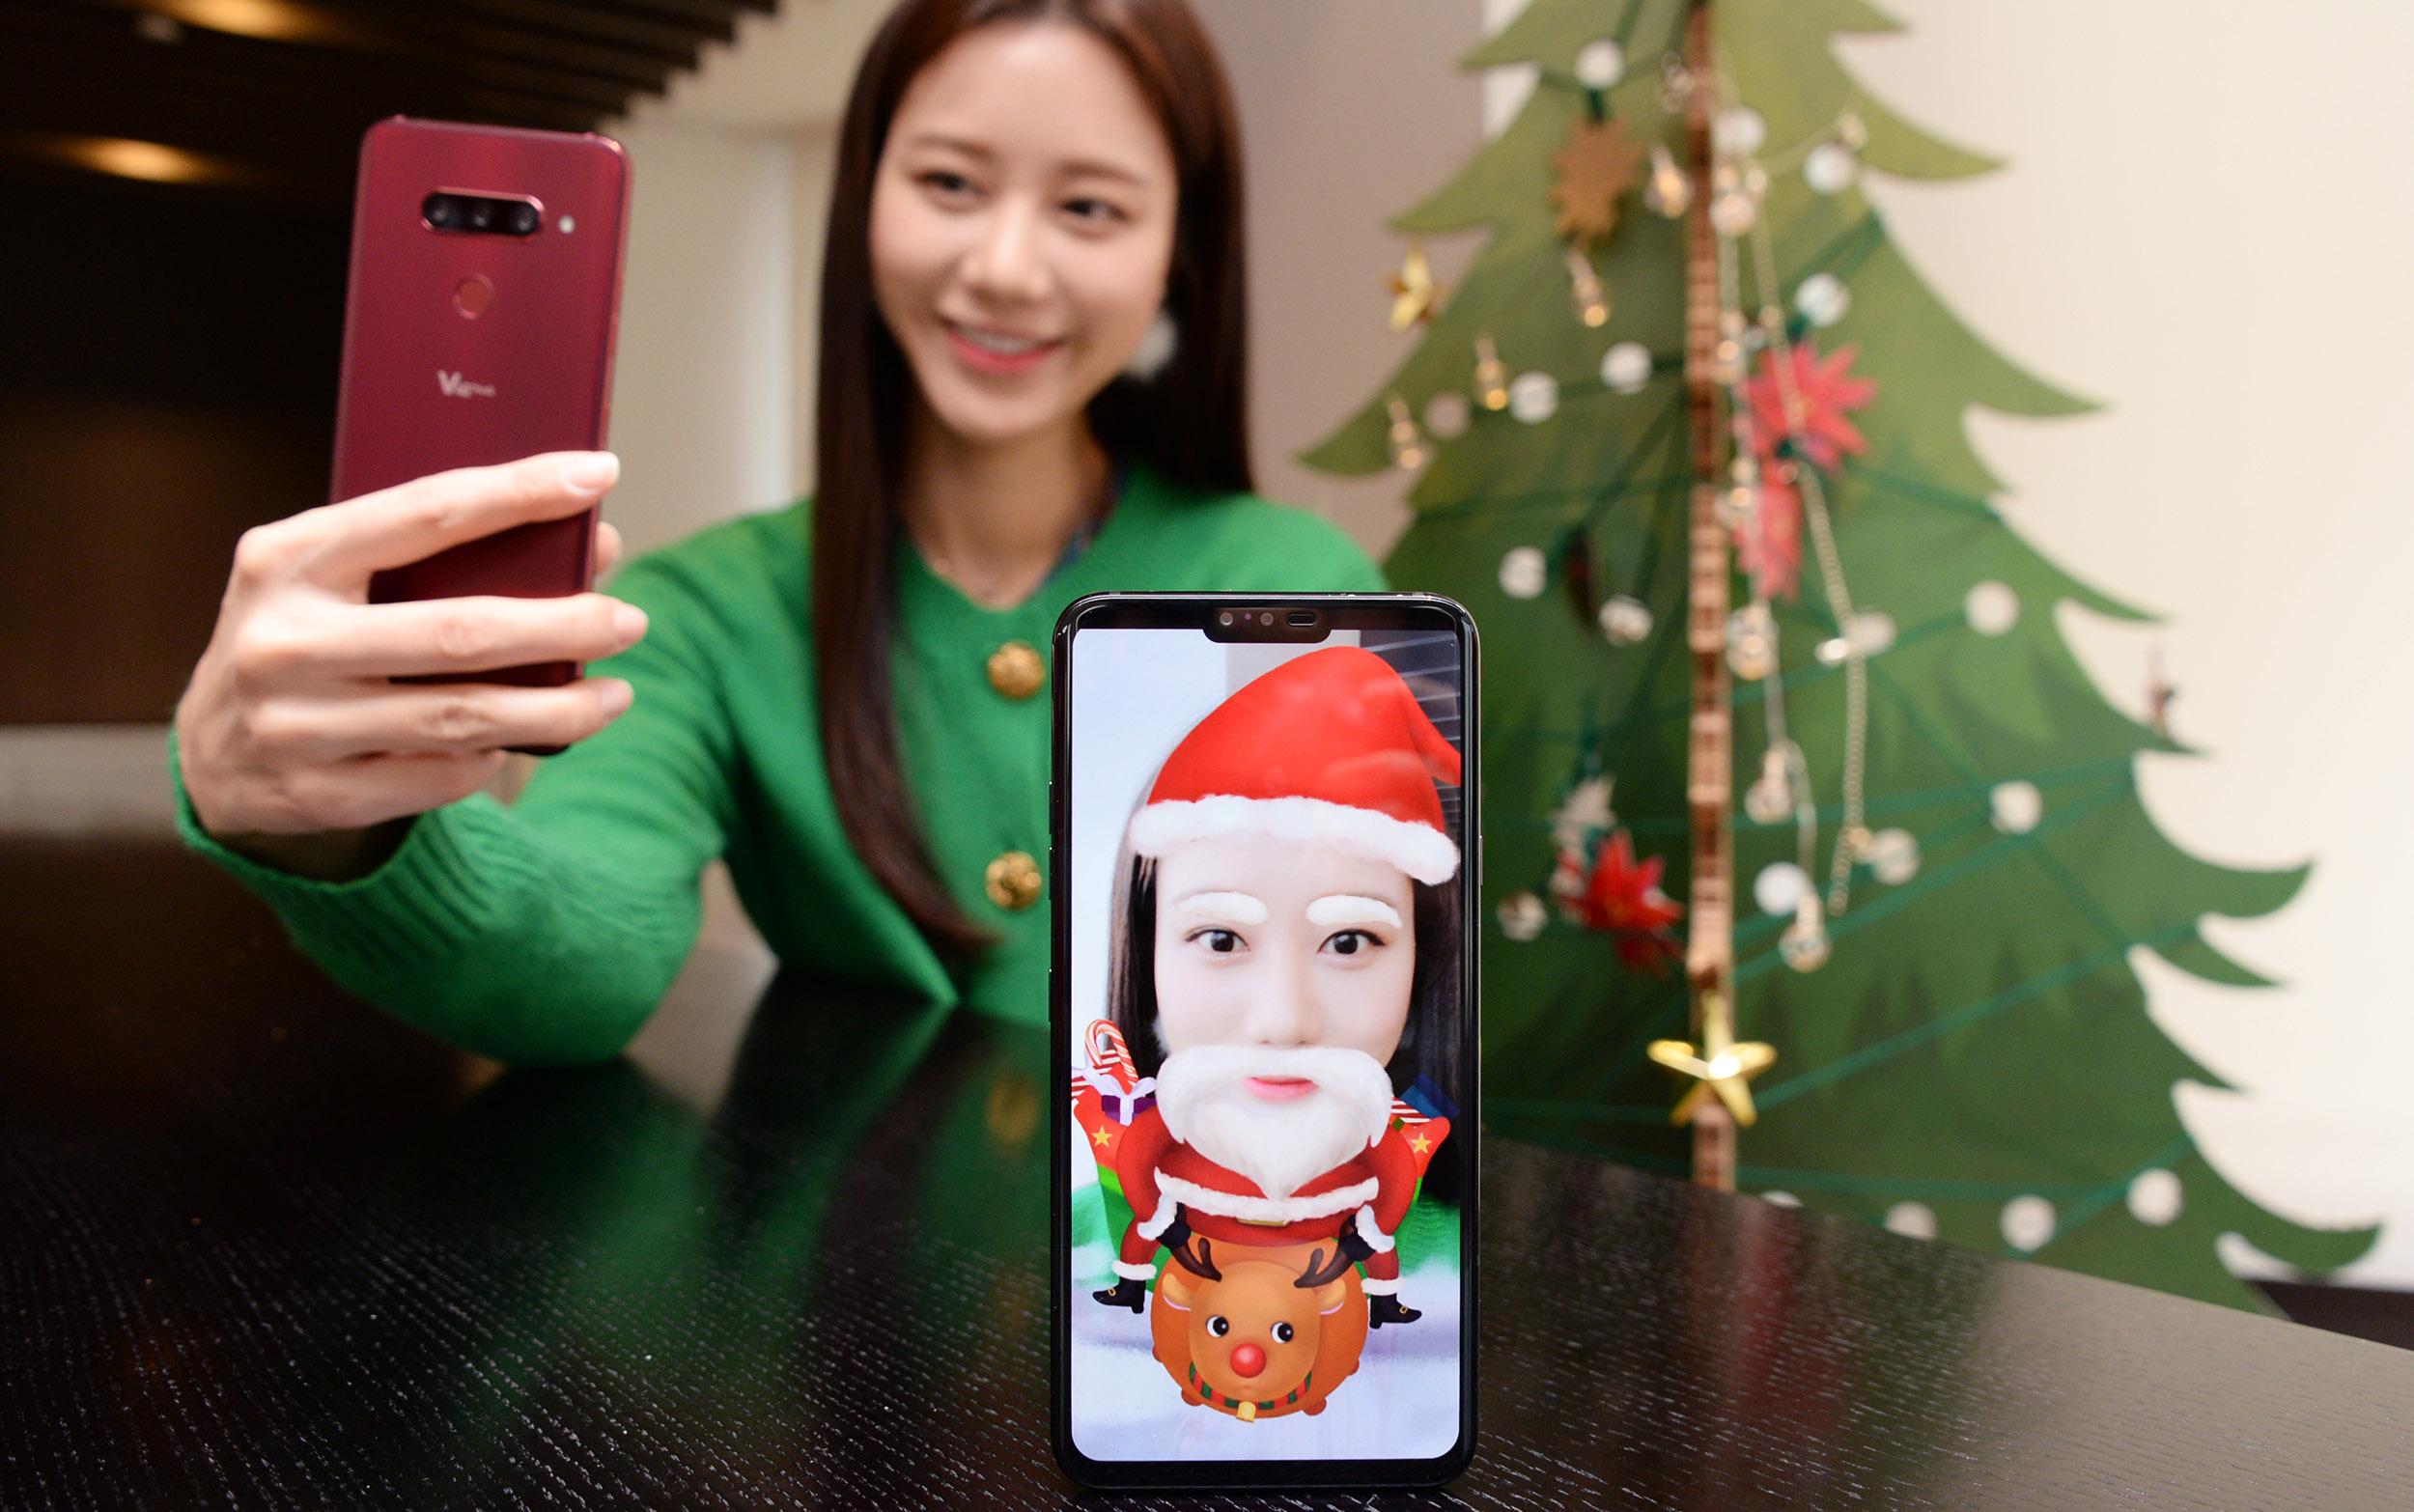 LG전자가 11일 LG V40 ThinQ 전용『크리스마스 AR 스티커팩』을 공개했다. LG전자 모델이 AR스티커팩을 소개하고 있다.